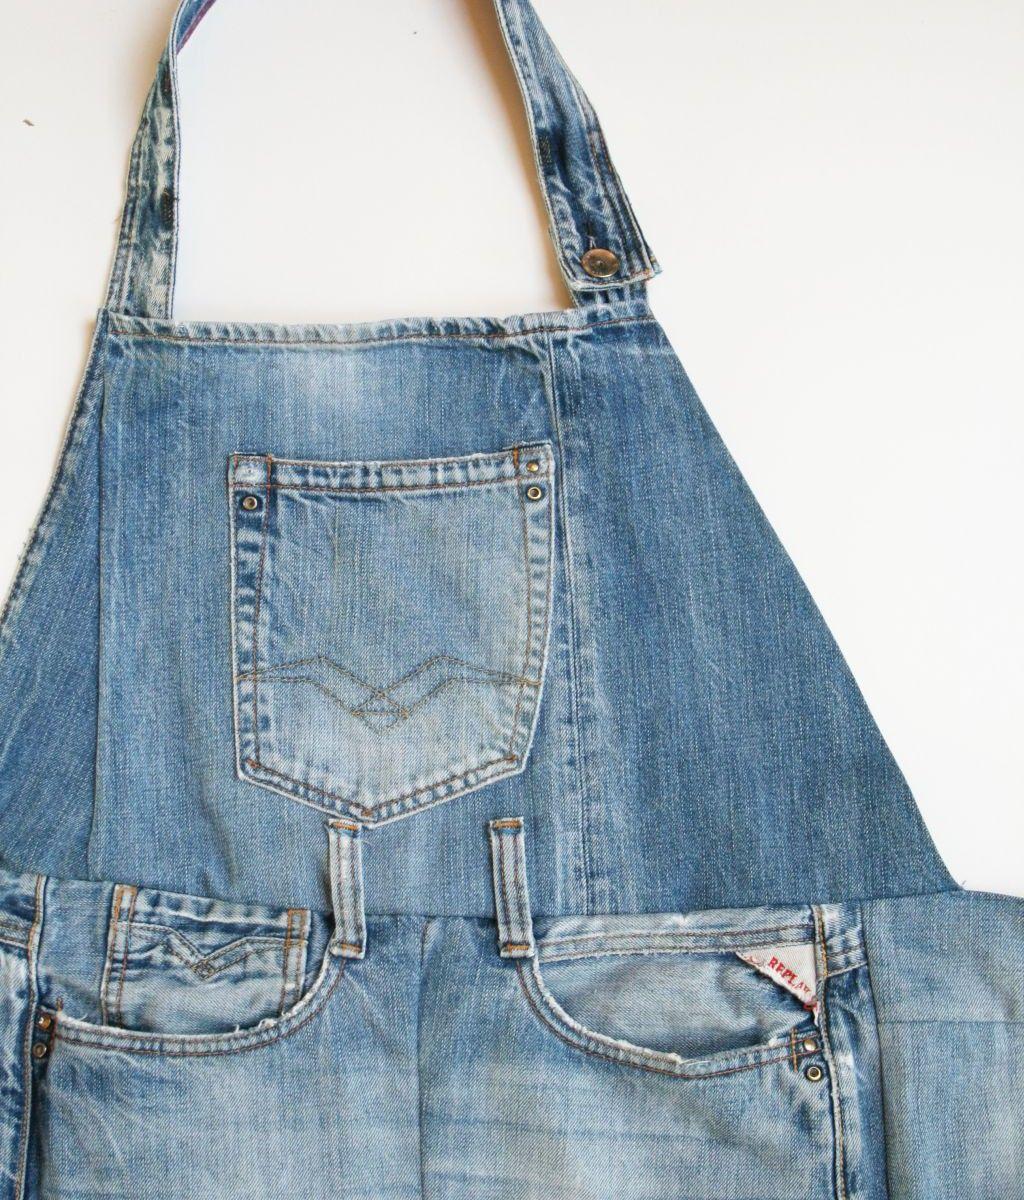 diy denim apron from old jeans denim pinterest. Black Bedroom Furniture Sets. Home Design Ideas